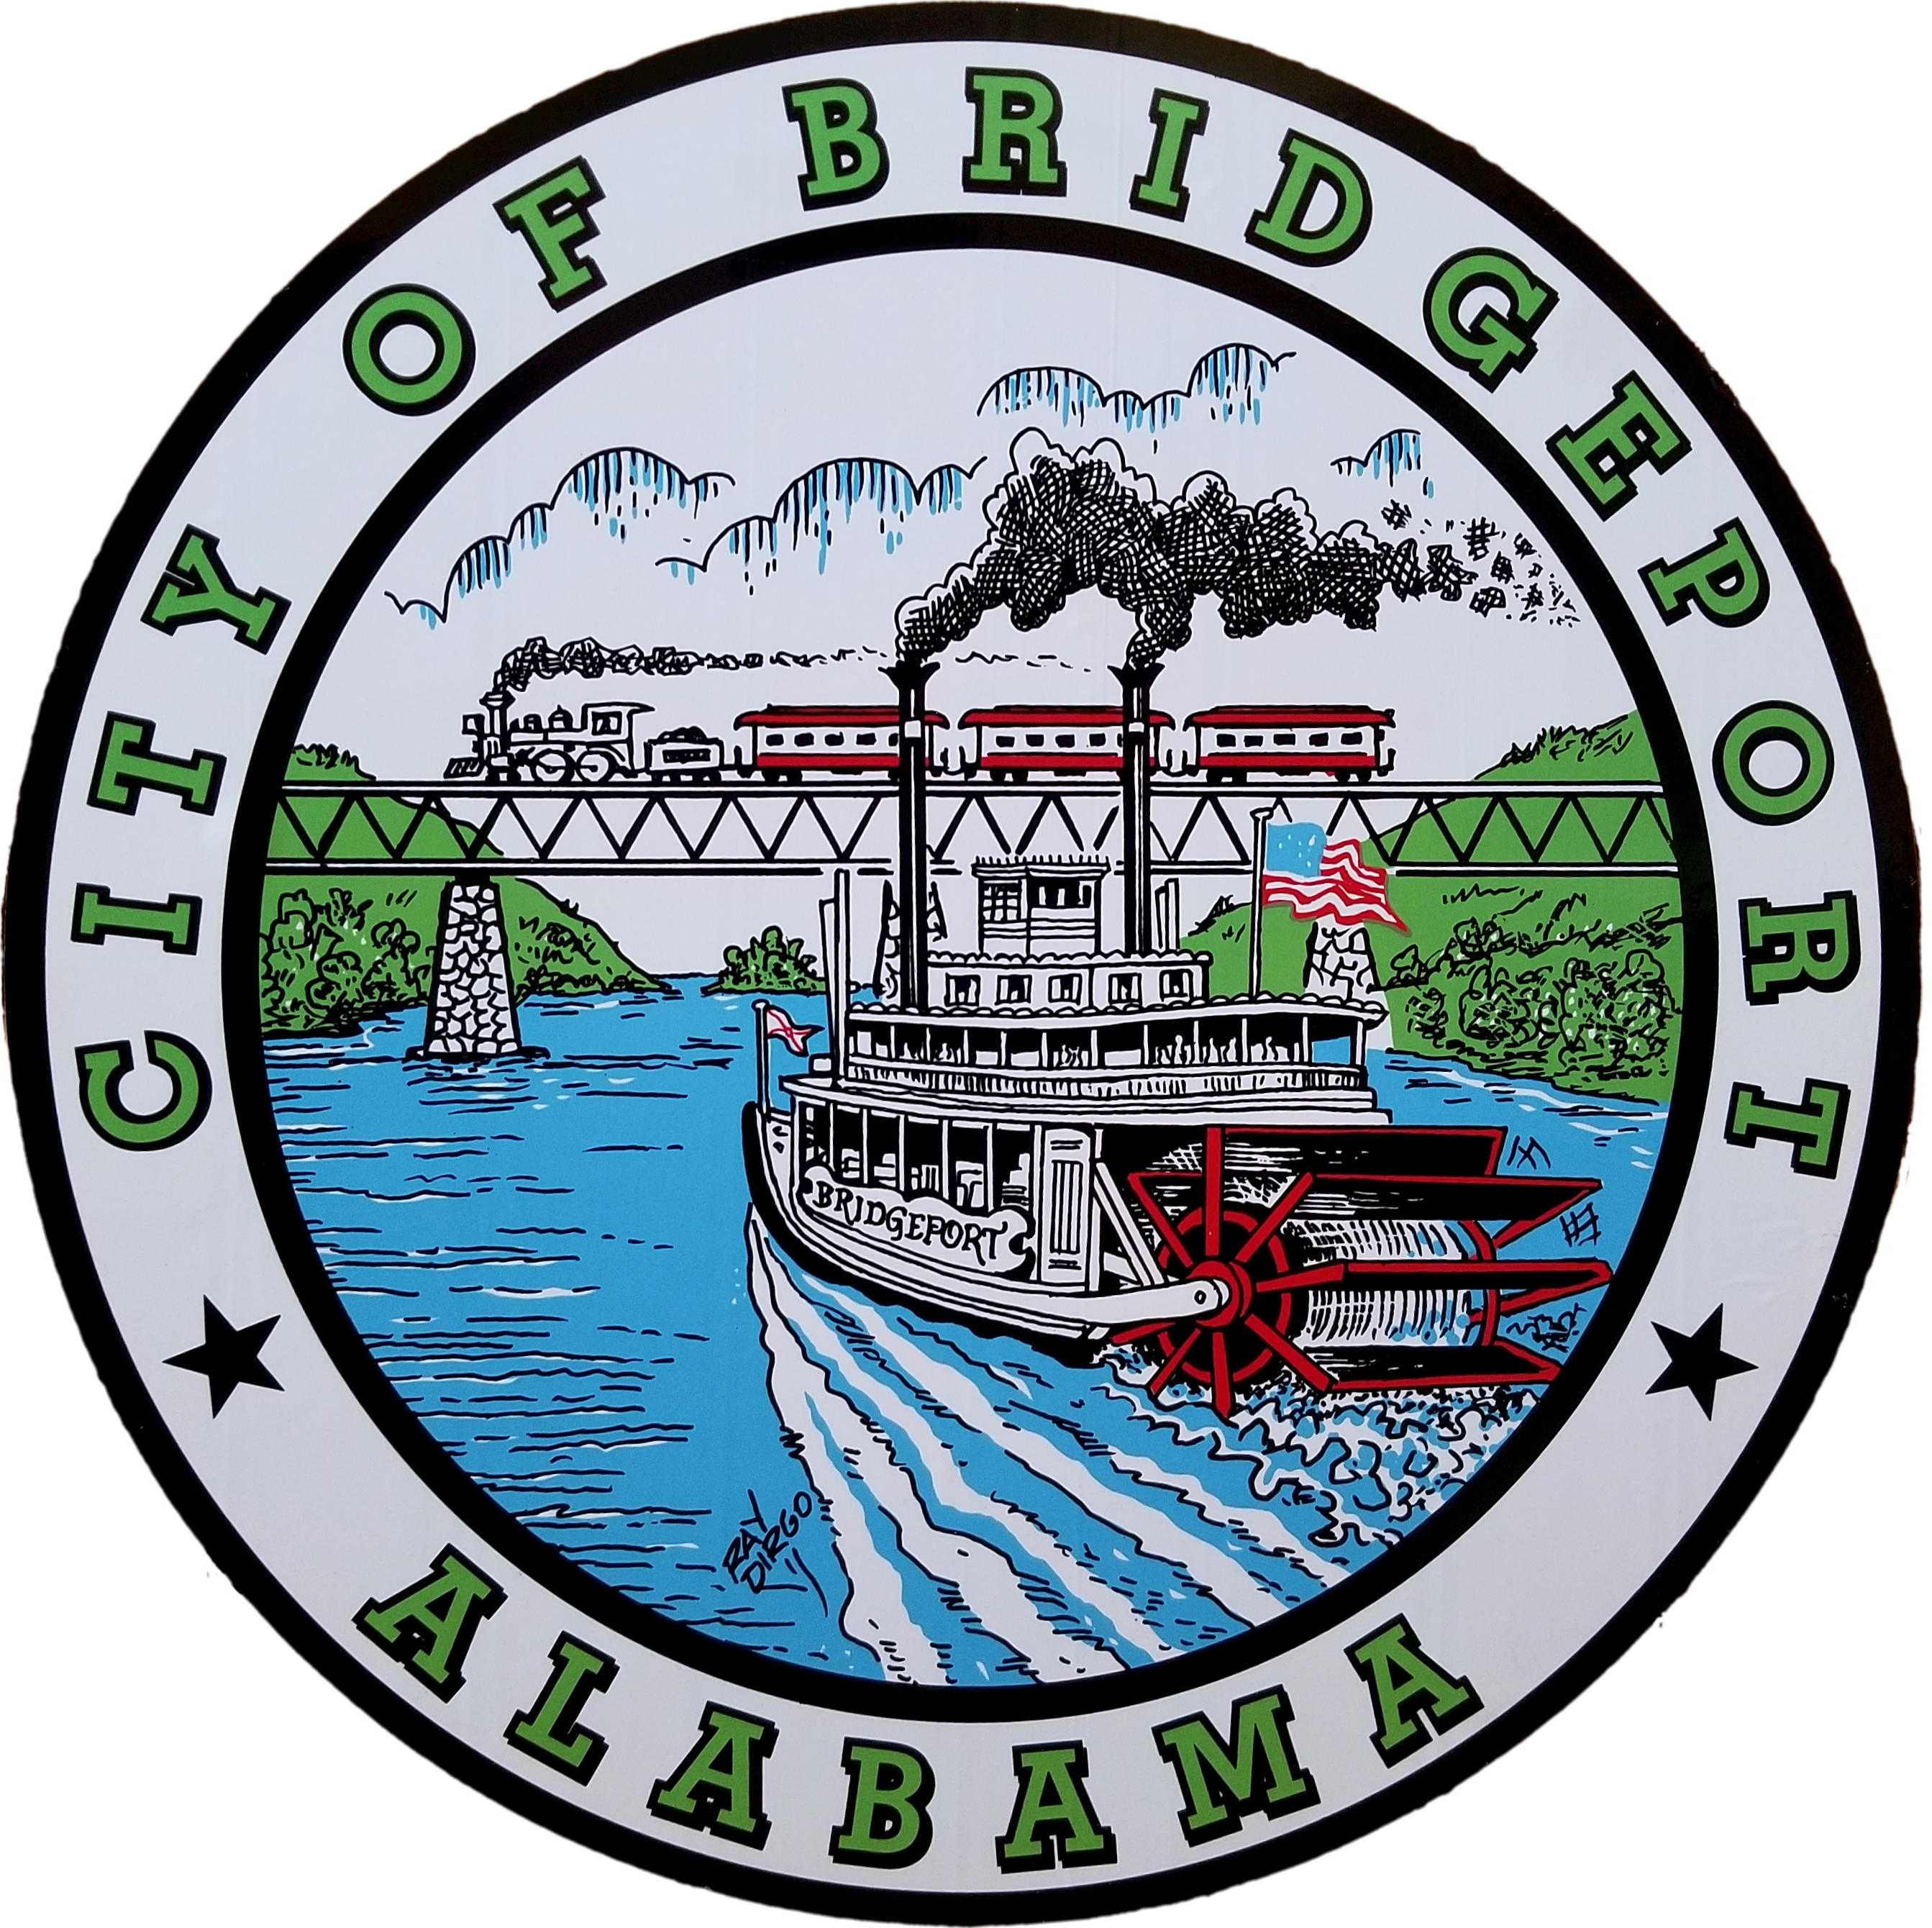 City of Bridgeport AL